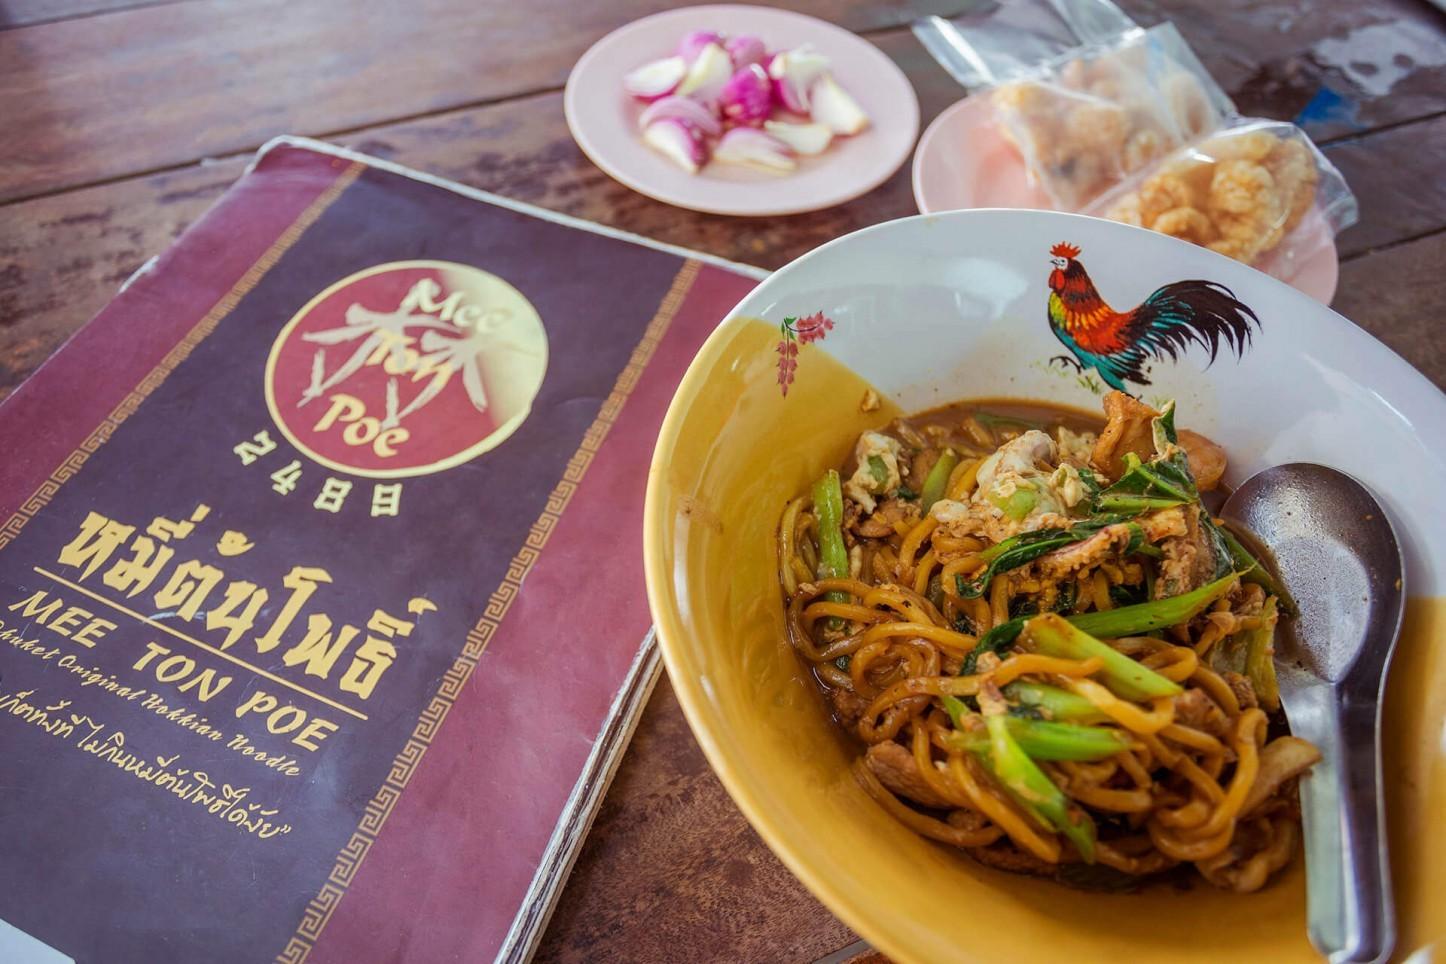 Mee Ton Poe, Phuket Original Hokkien Noodles